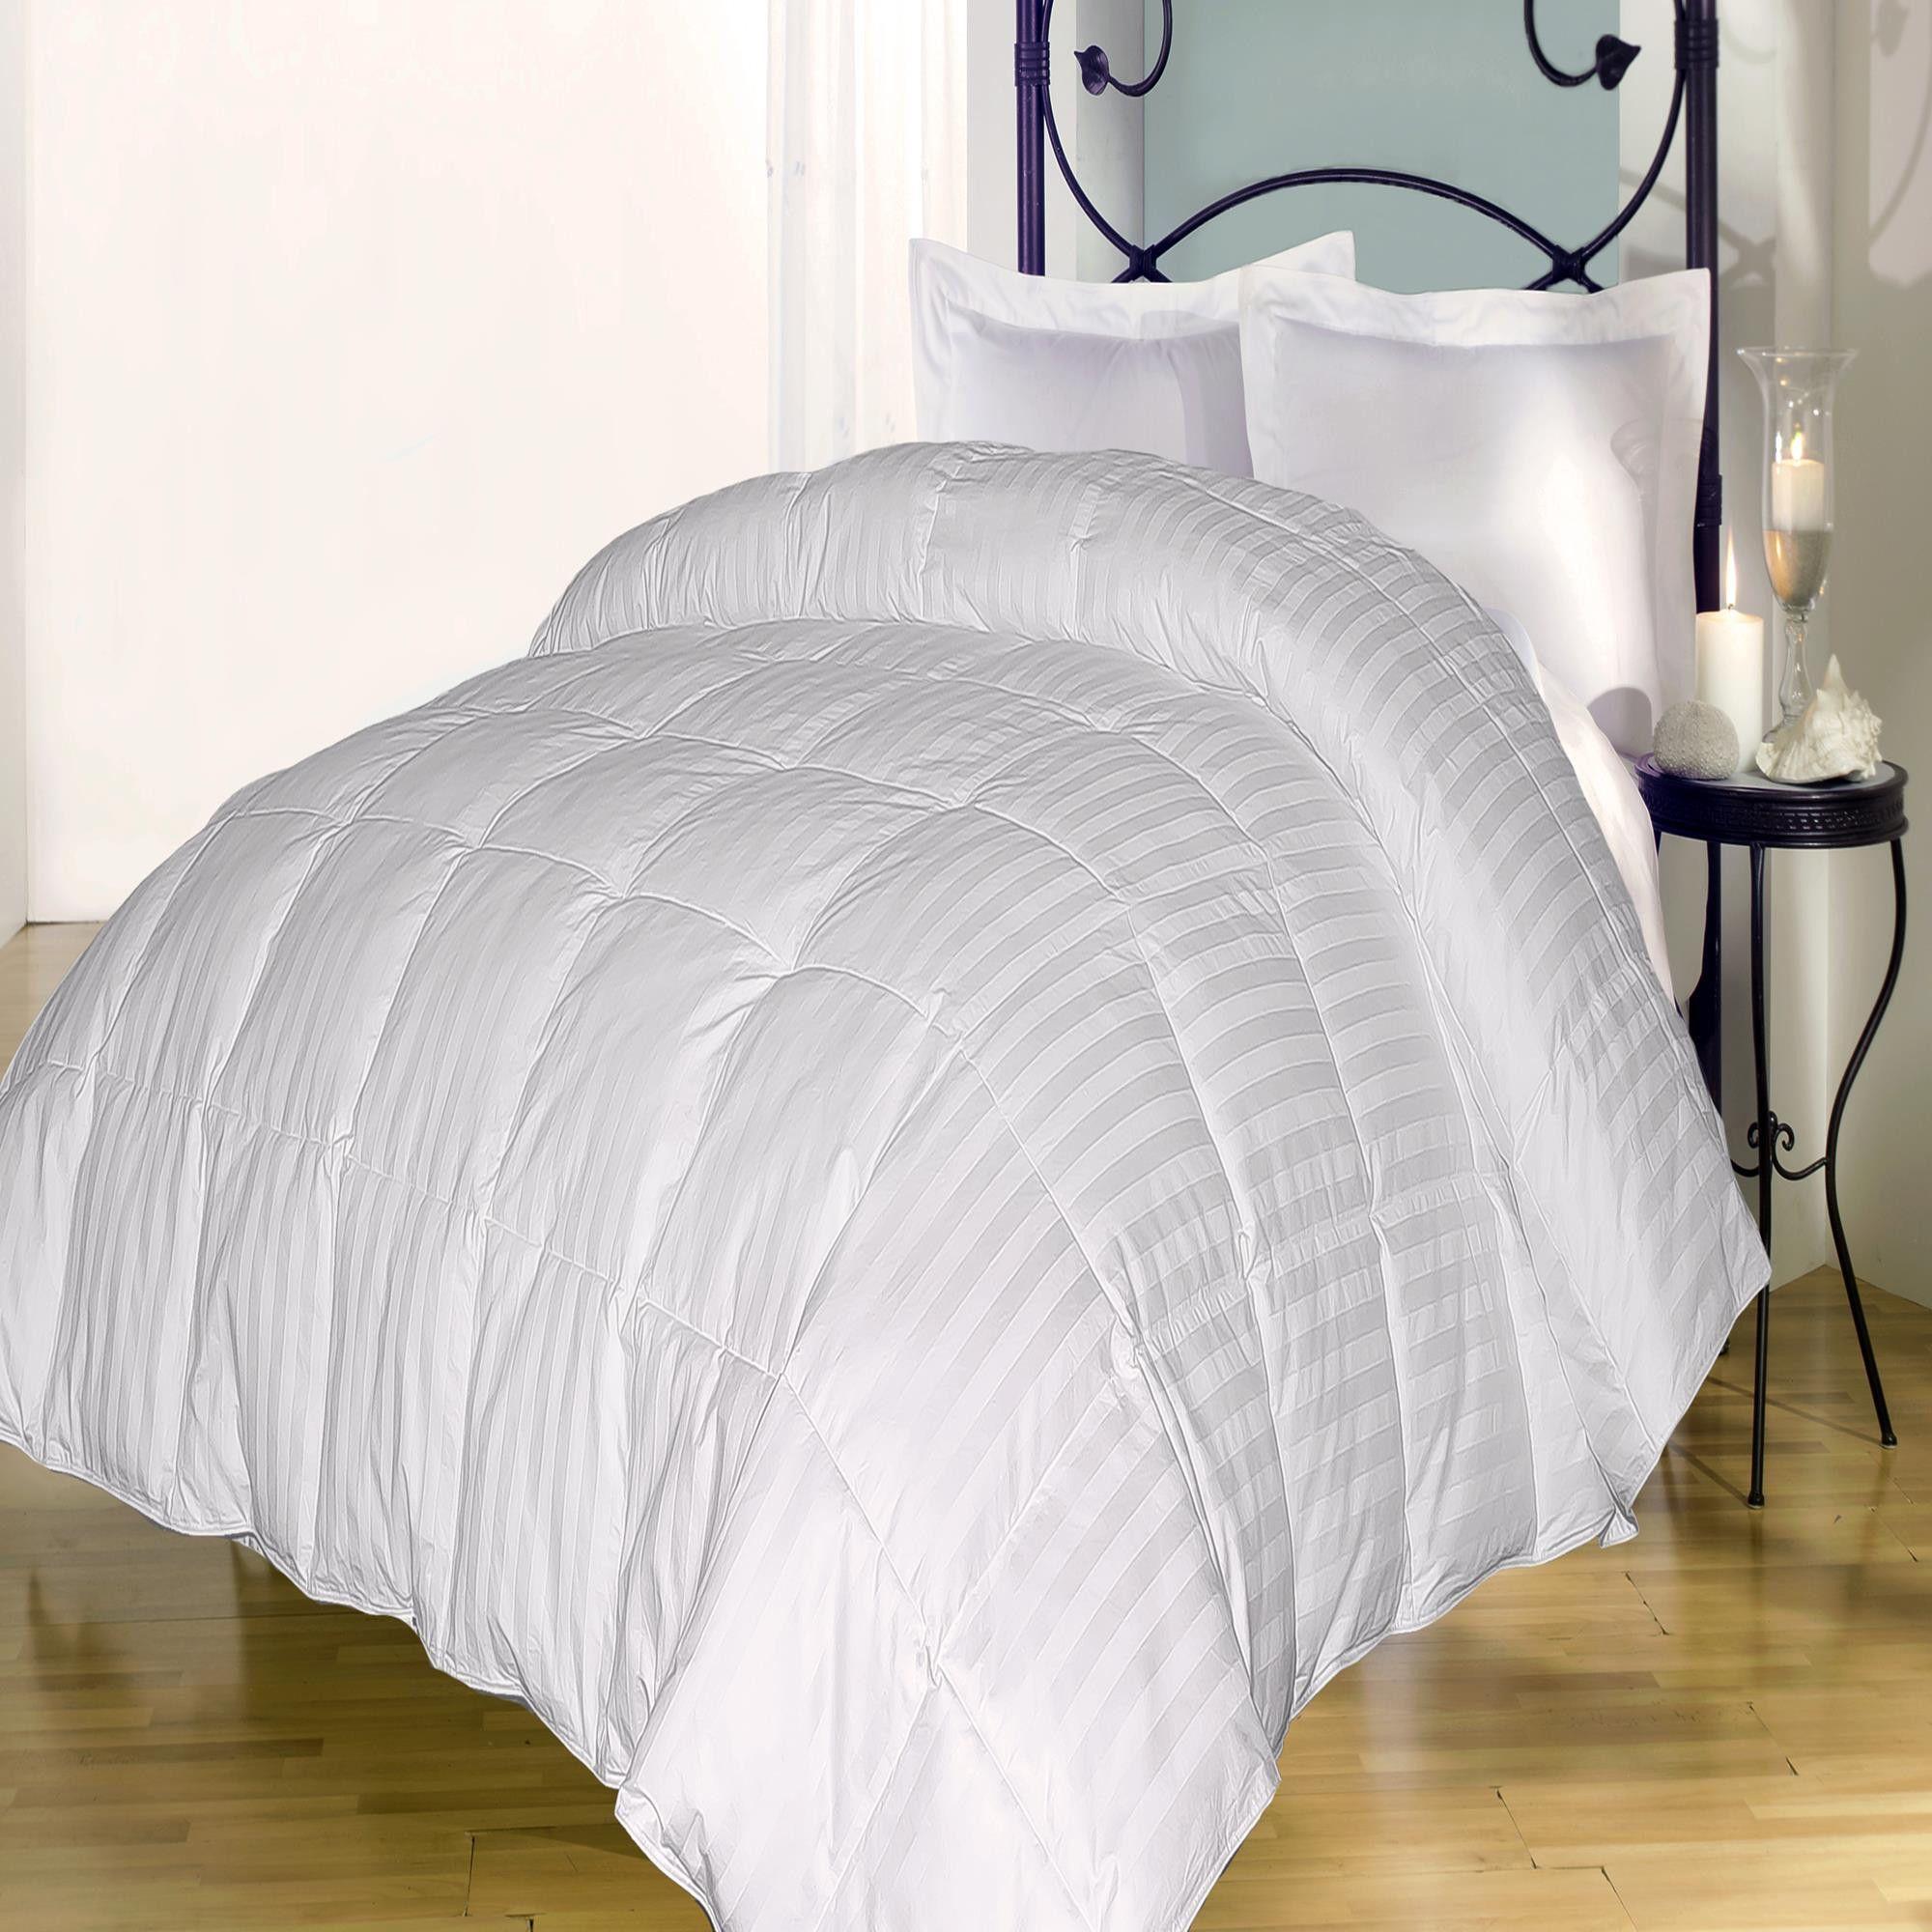 350 TC Damask Stripe Cotton Cover Down Alternative Comforter White